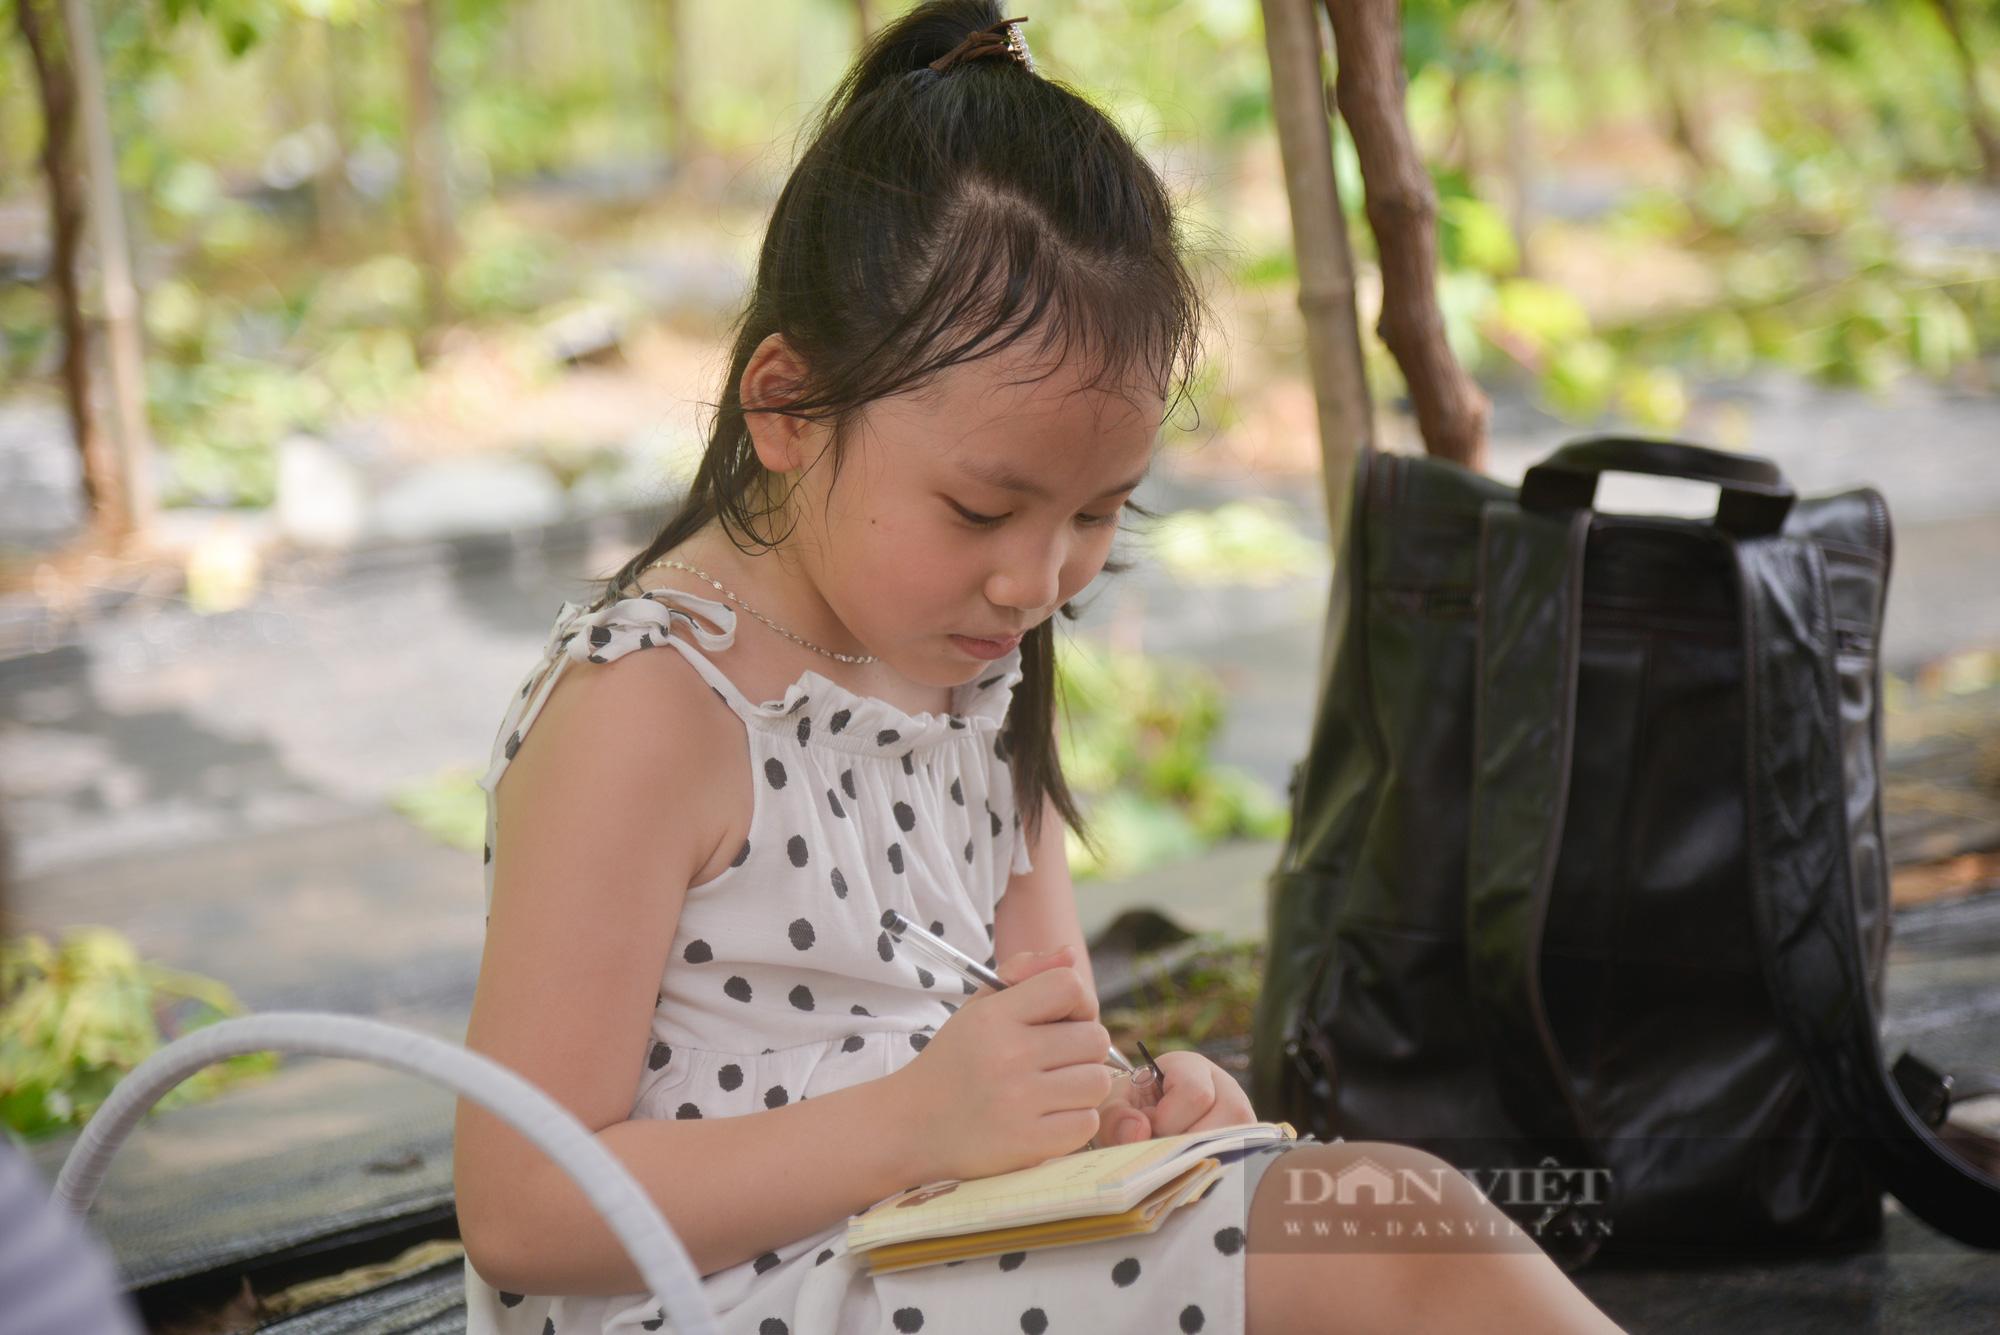 Nông trại nho giữa lòng Hà Nội thu hút giới trẻ tham quan, trải nghiệm - Ảnh 7.